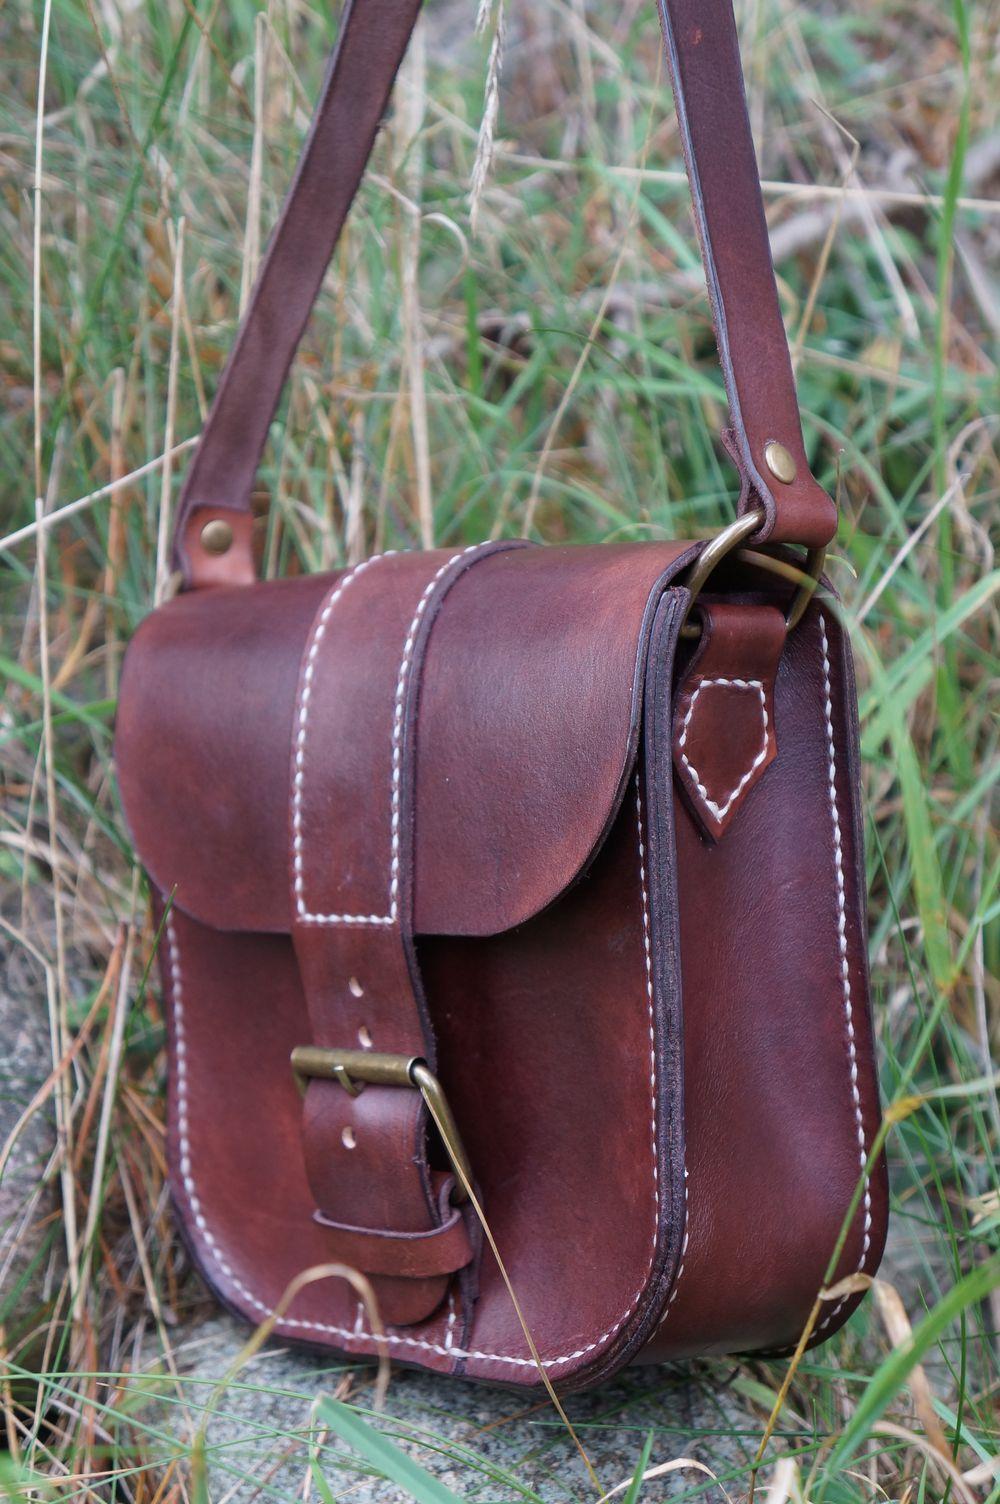 Crossover Leather Bag Via Nabamu Design Click On The Image To See More Laedertaske Skuldertaske Laeder Taske